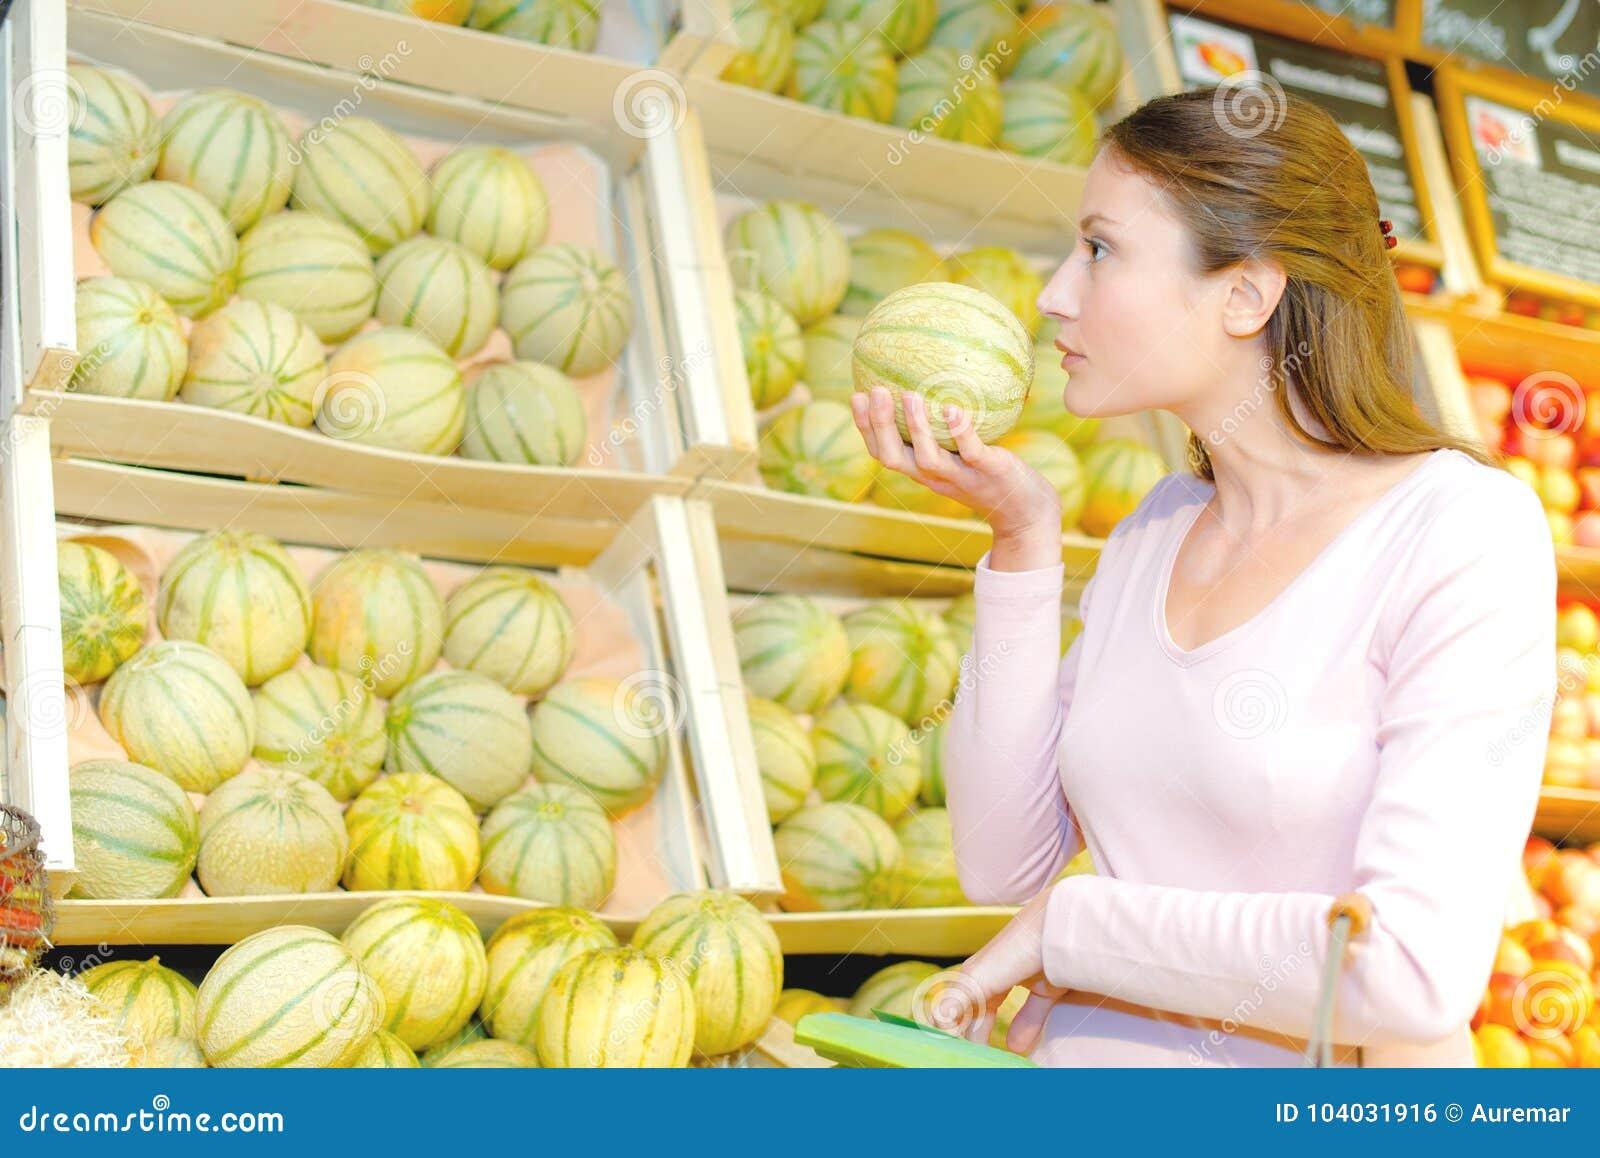 Dama wącha melon dla dojrzałości